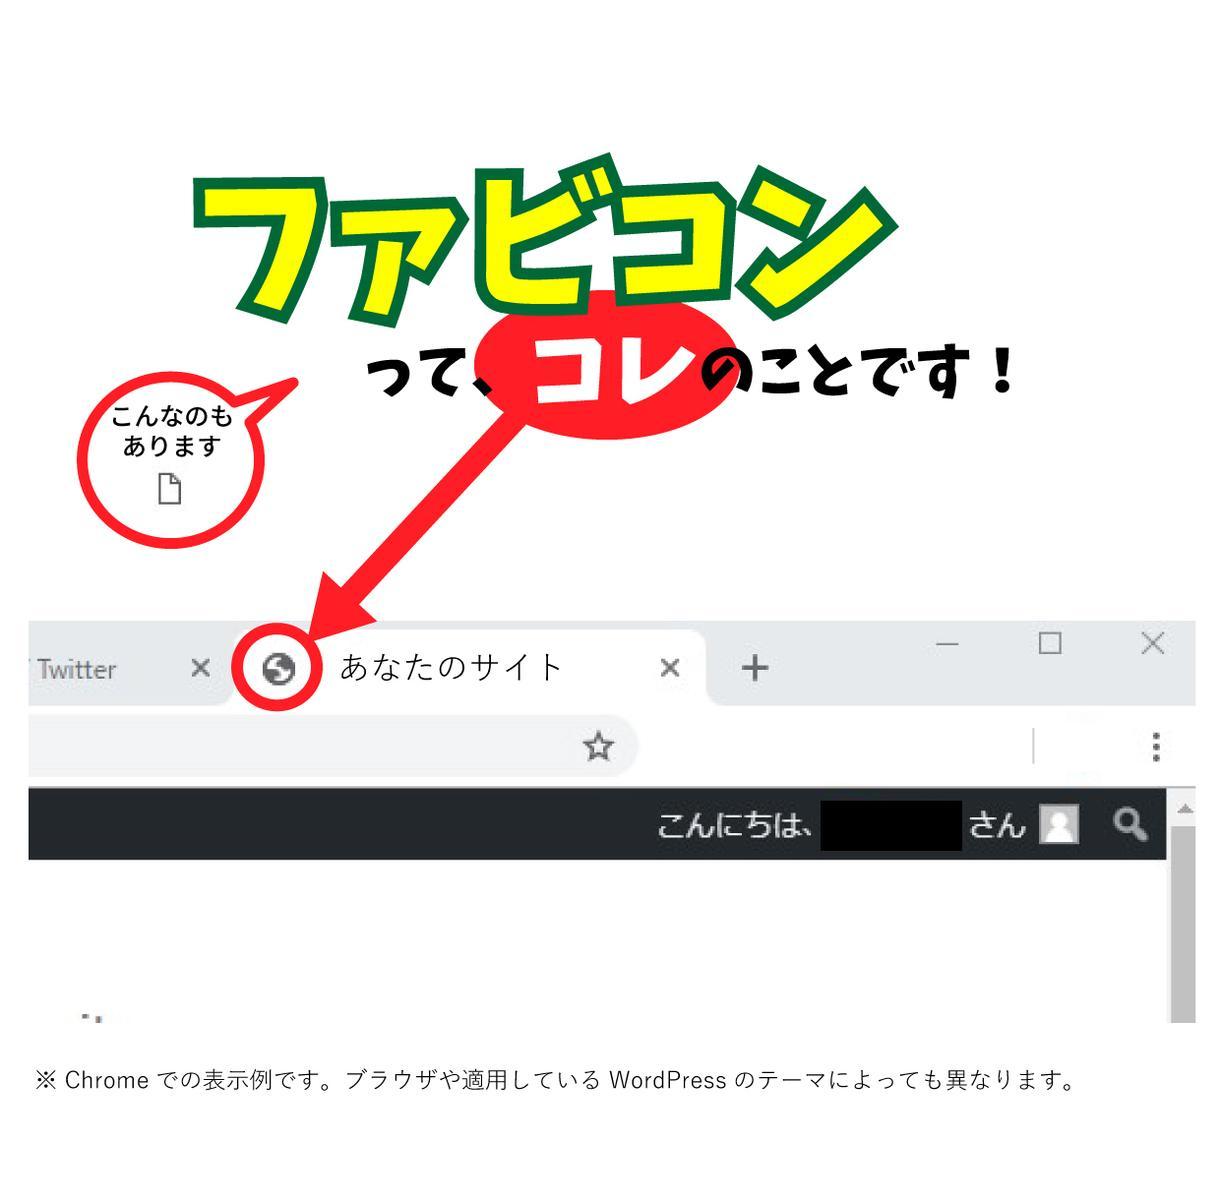 サイトの「とりあえず」のファビコン作成します サイトを立ち上げたばかりのあなたへ!